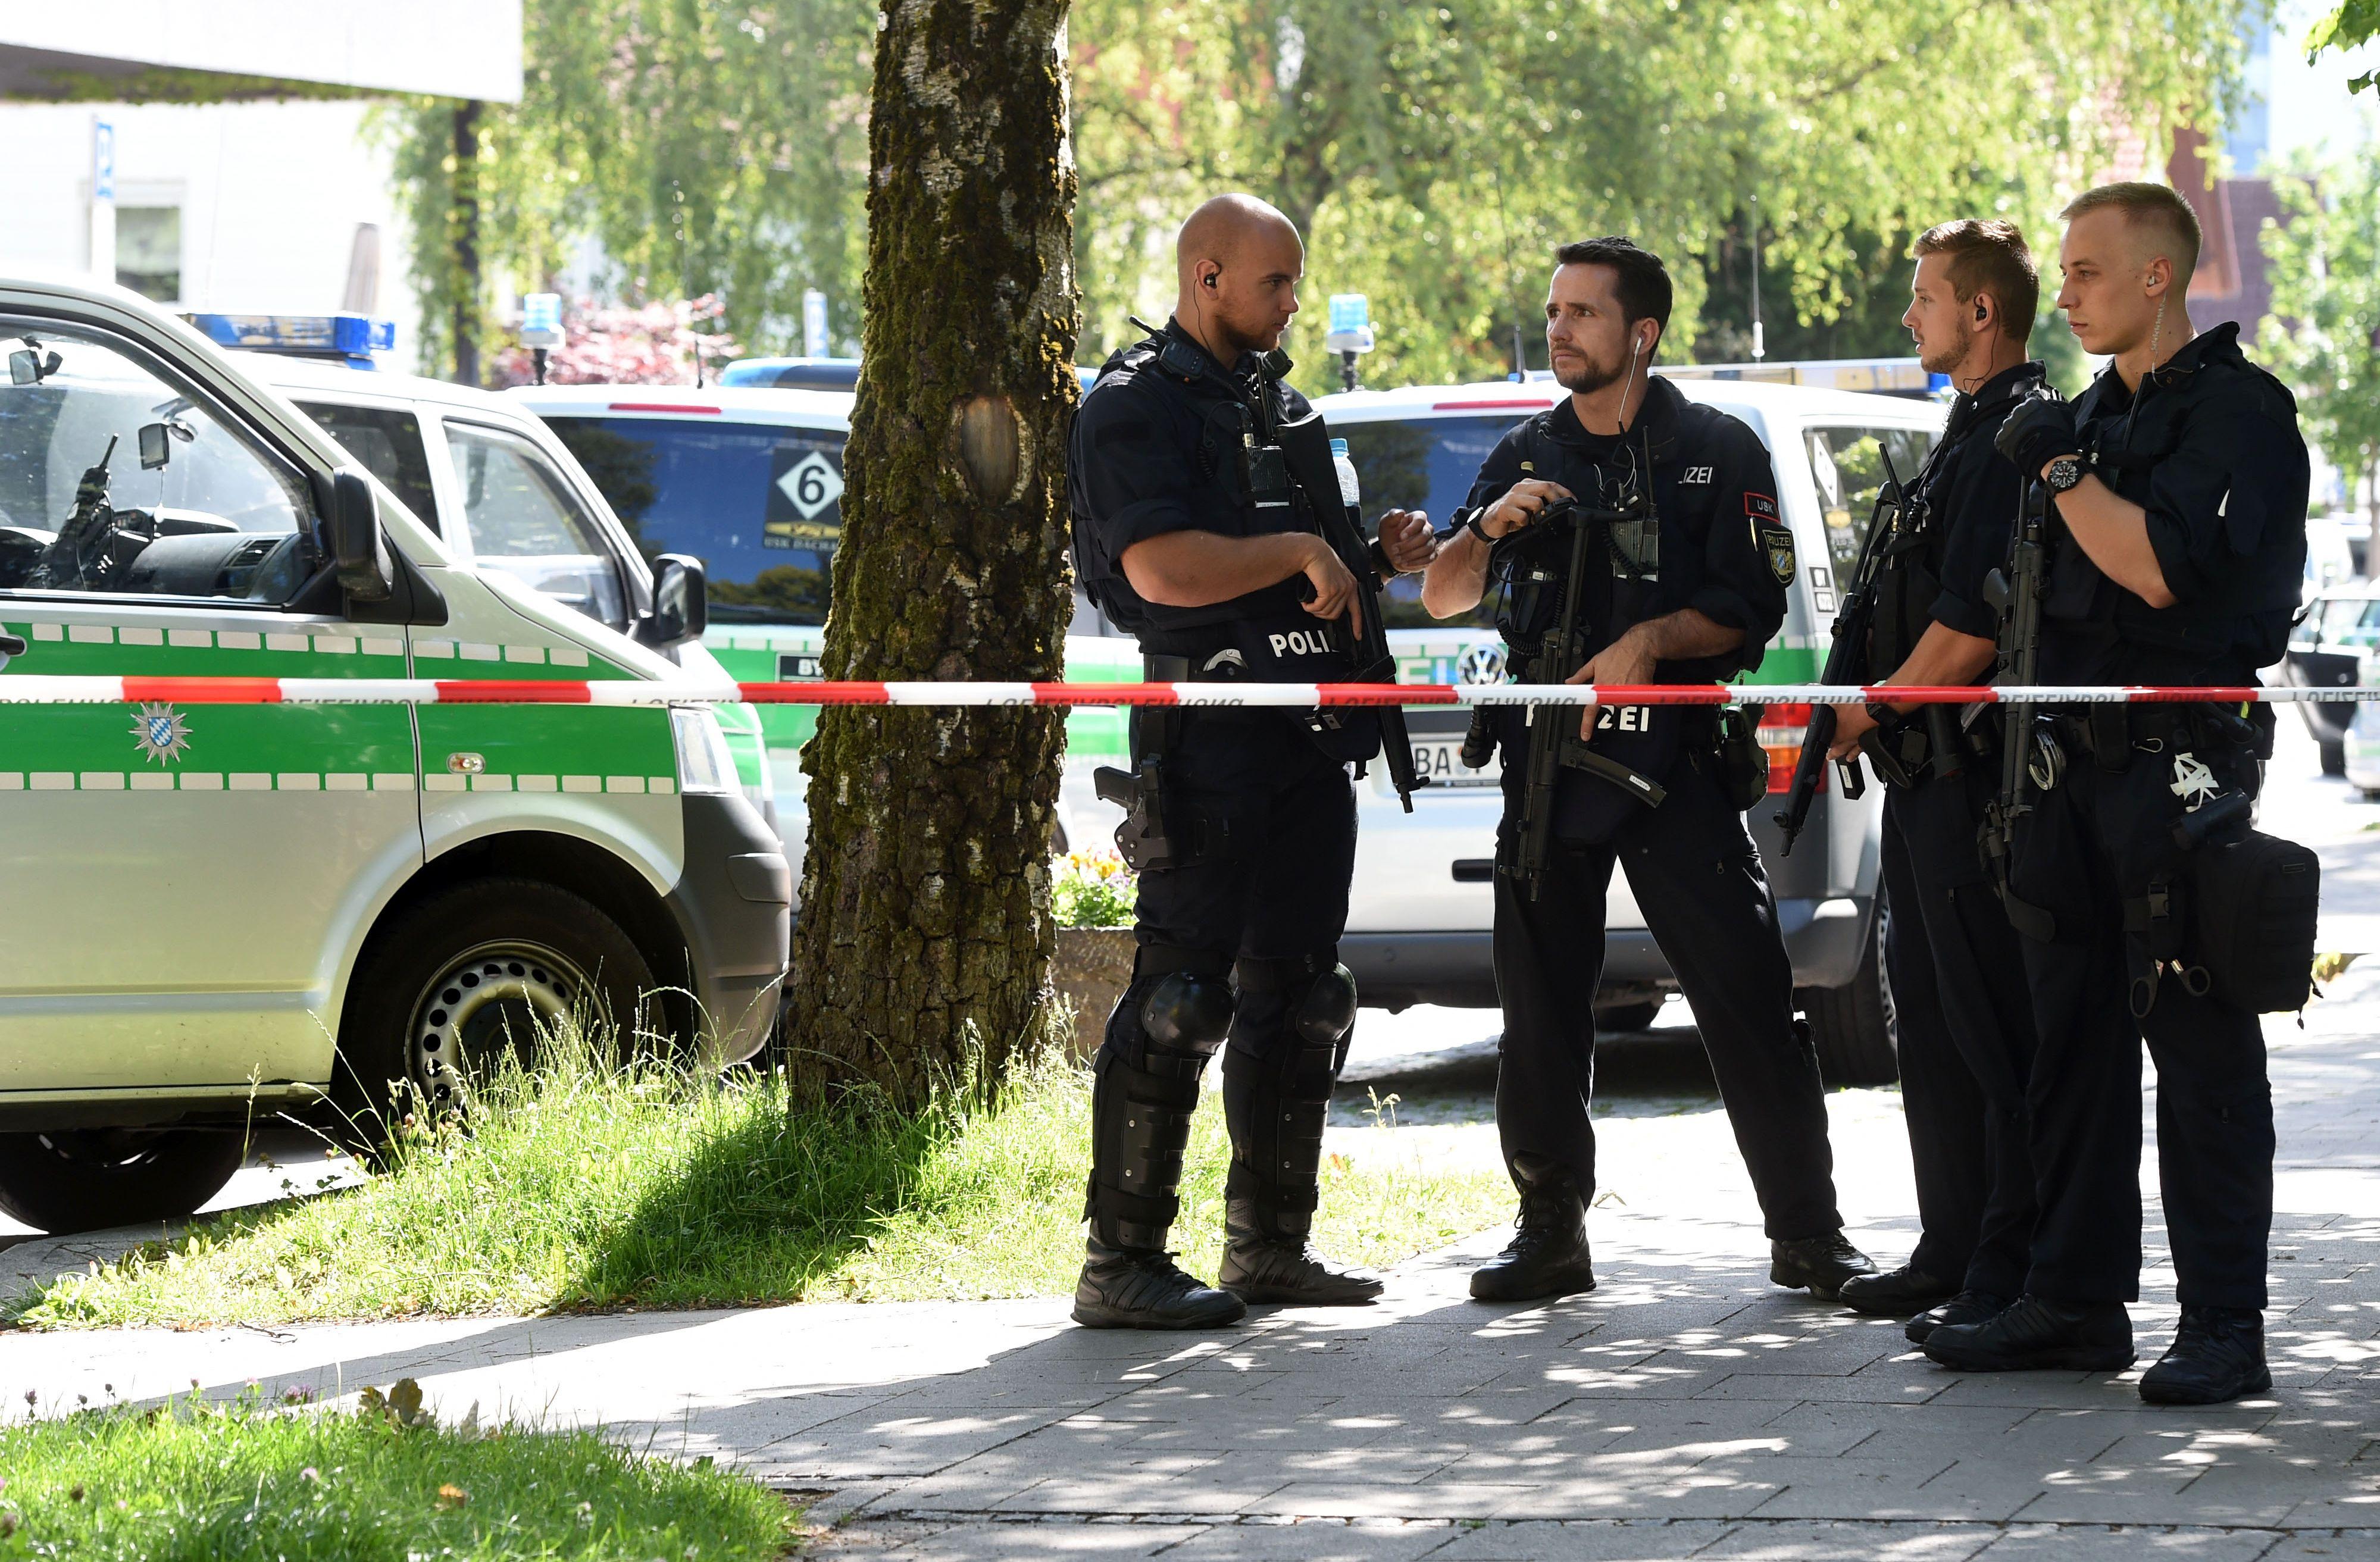 Vários feridos devido a tiroteio numa estação de metro perto de Munique